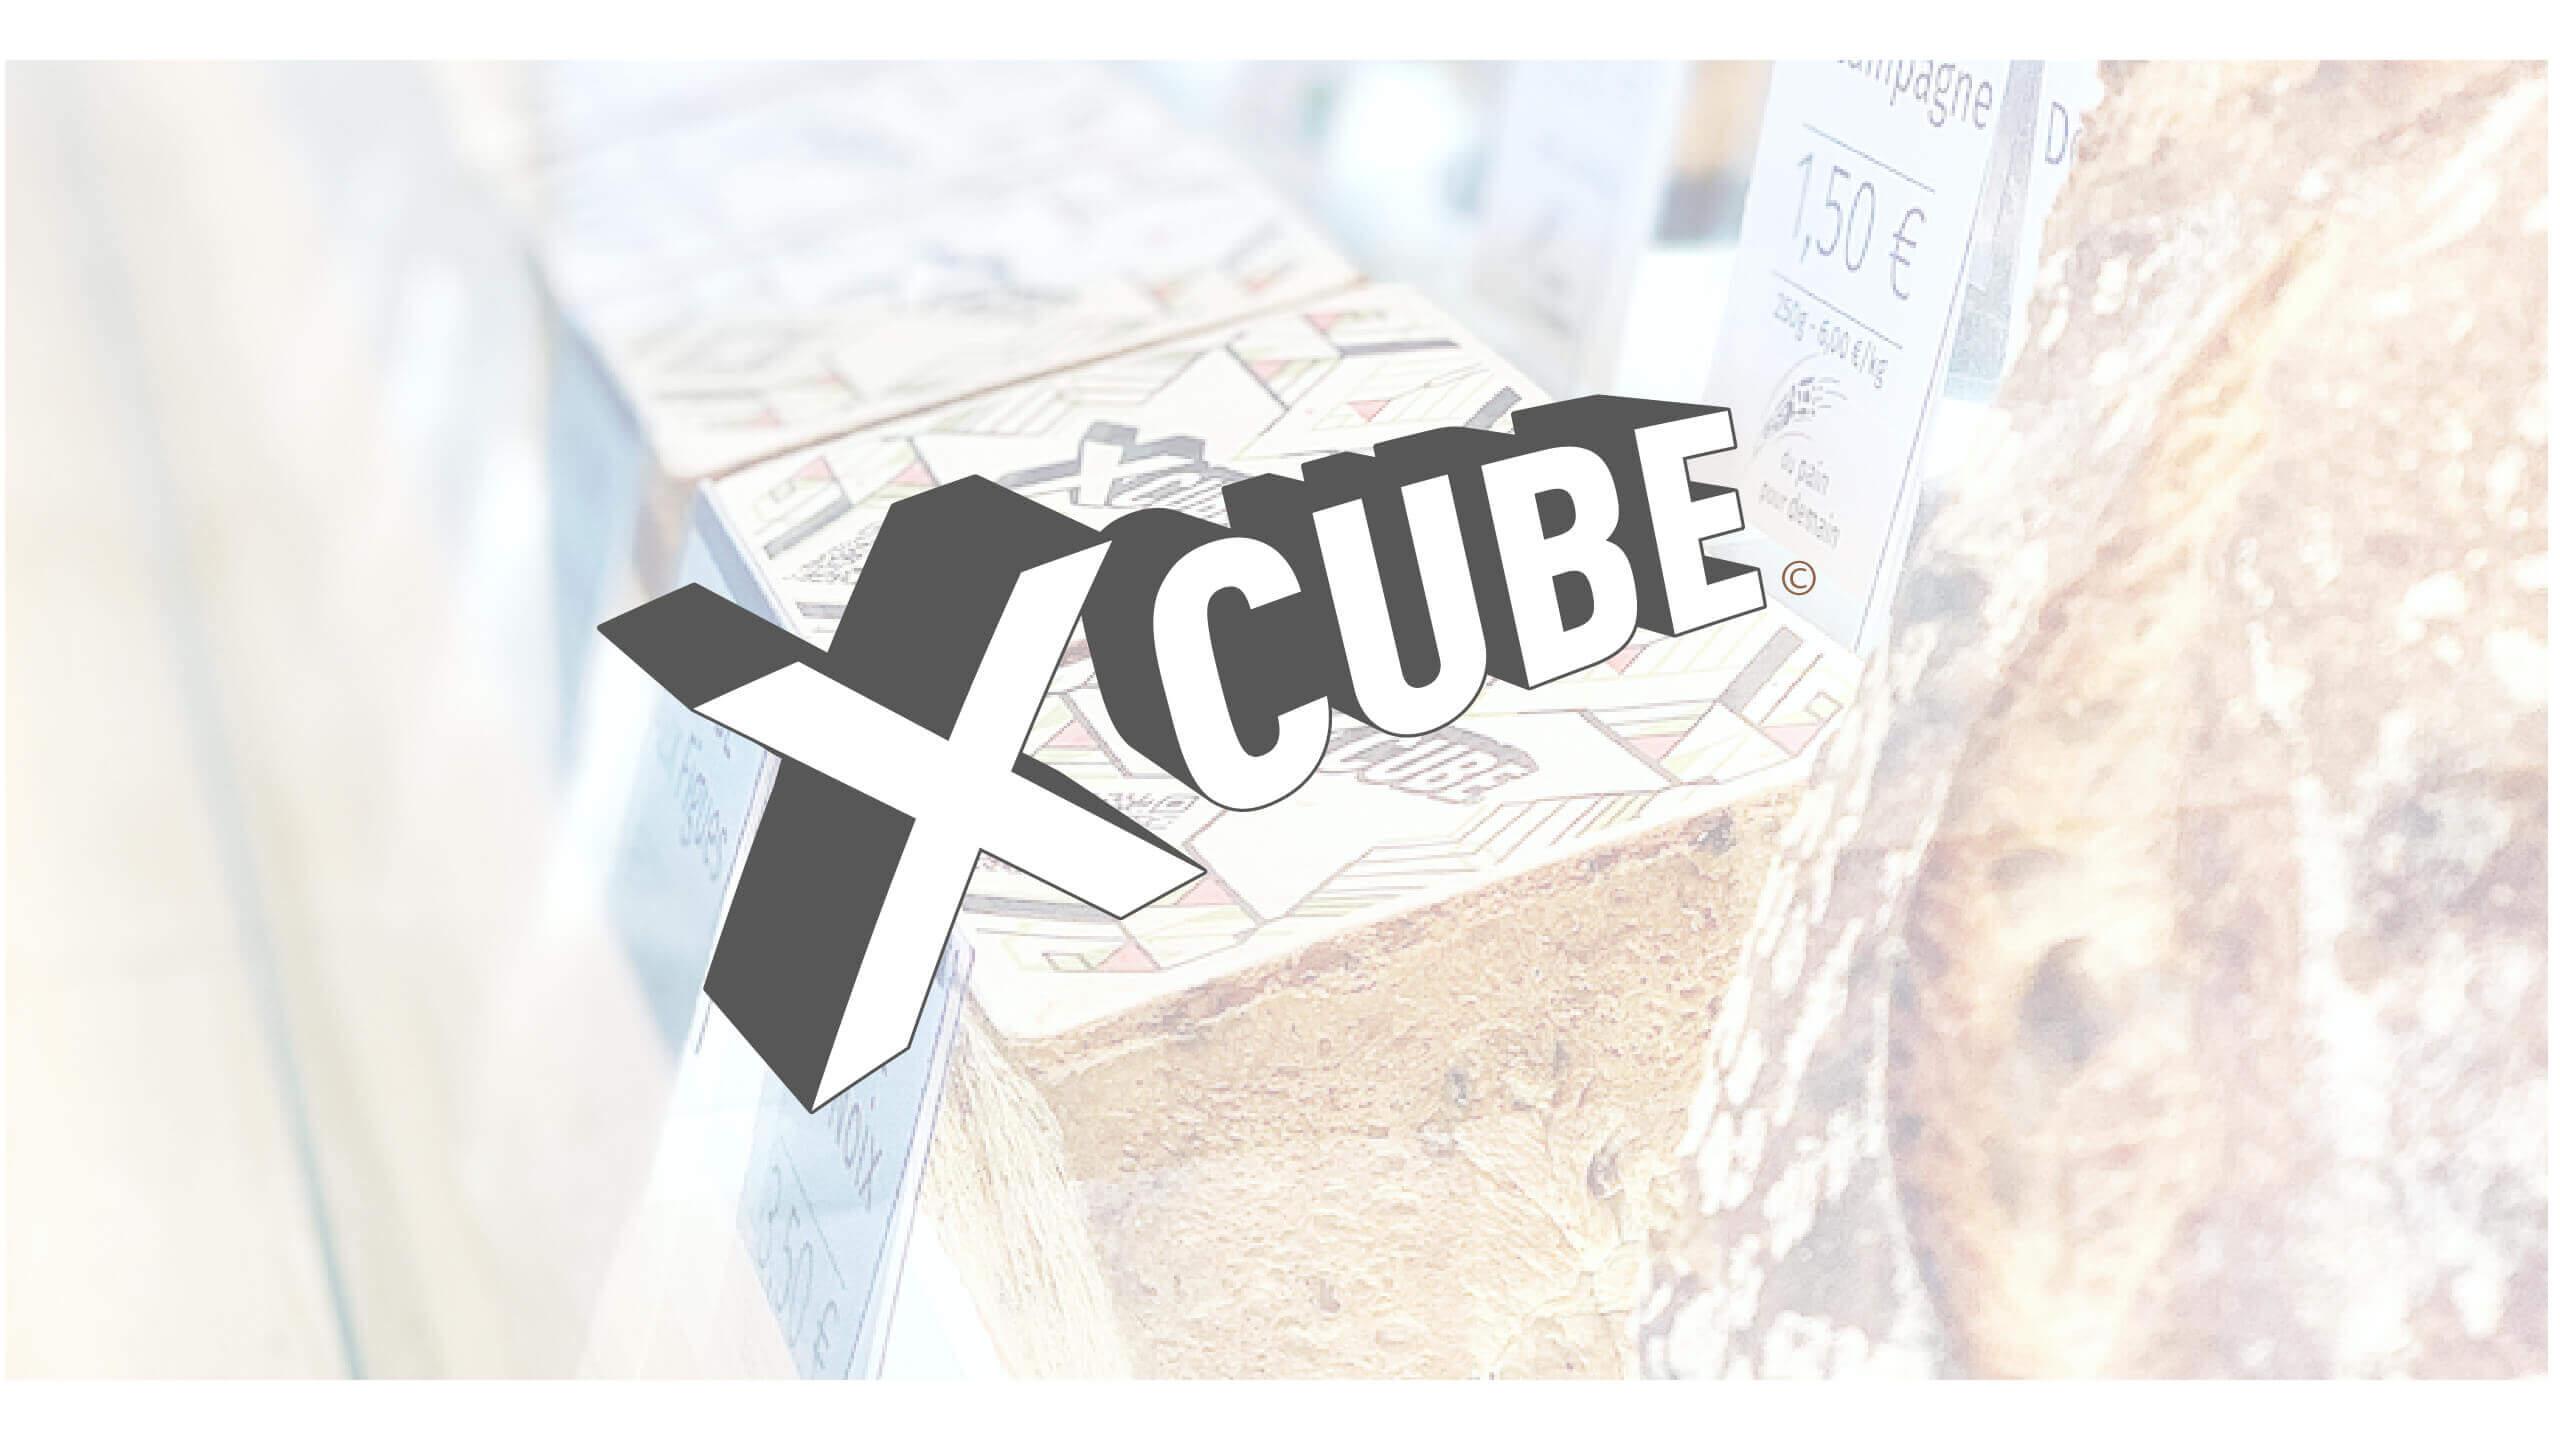 identité de marque X Cube